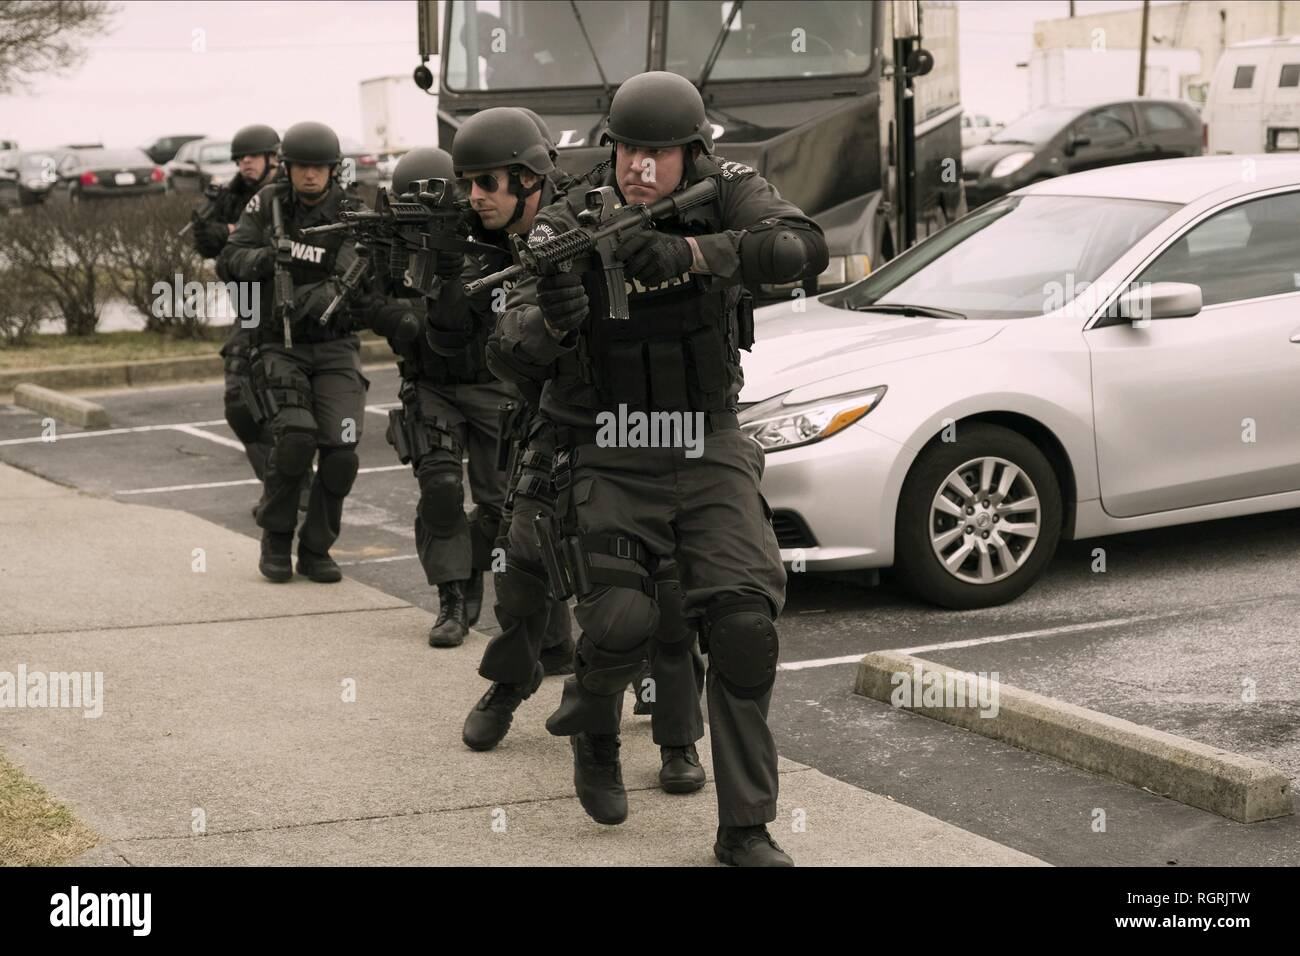 Armati team SWAT spelonca di ladri (2018) Immagini Stock